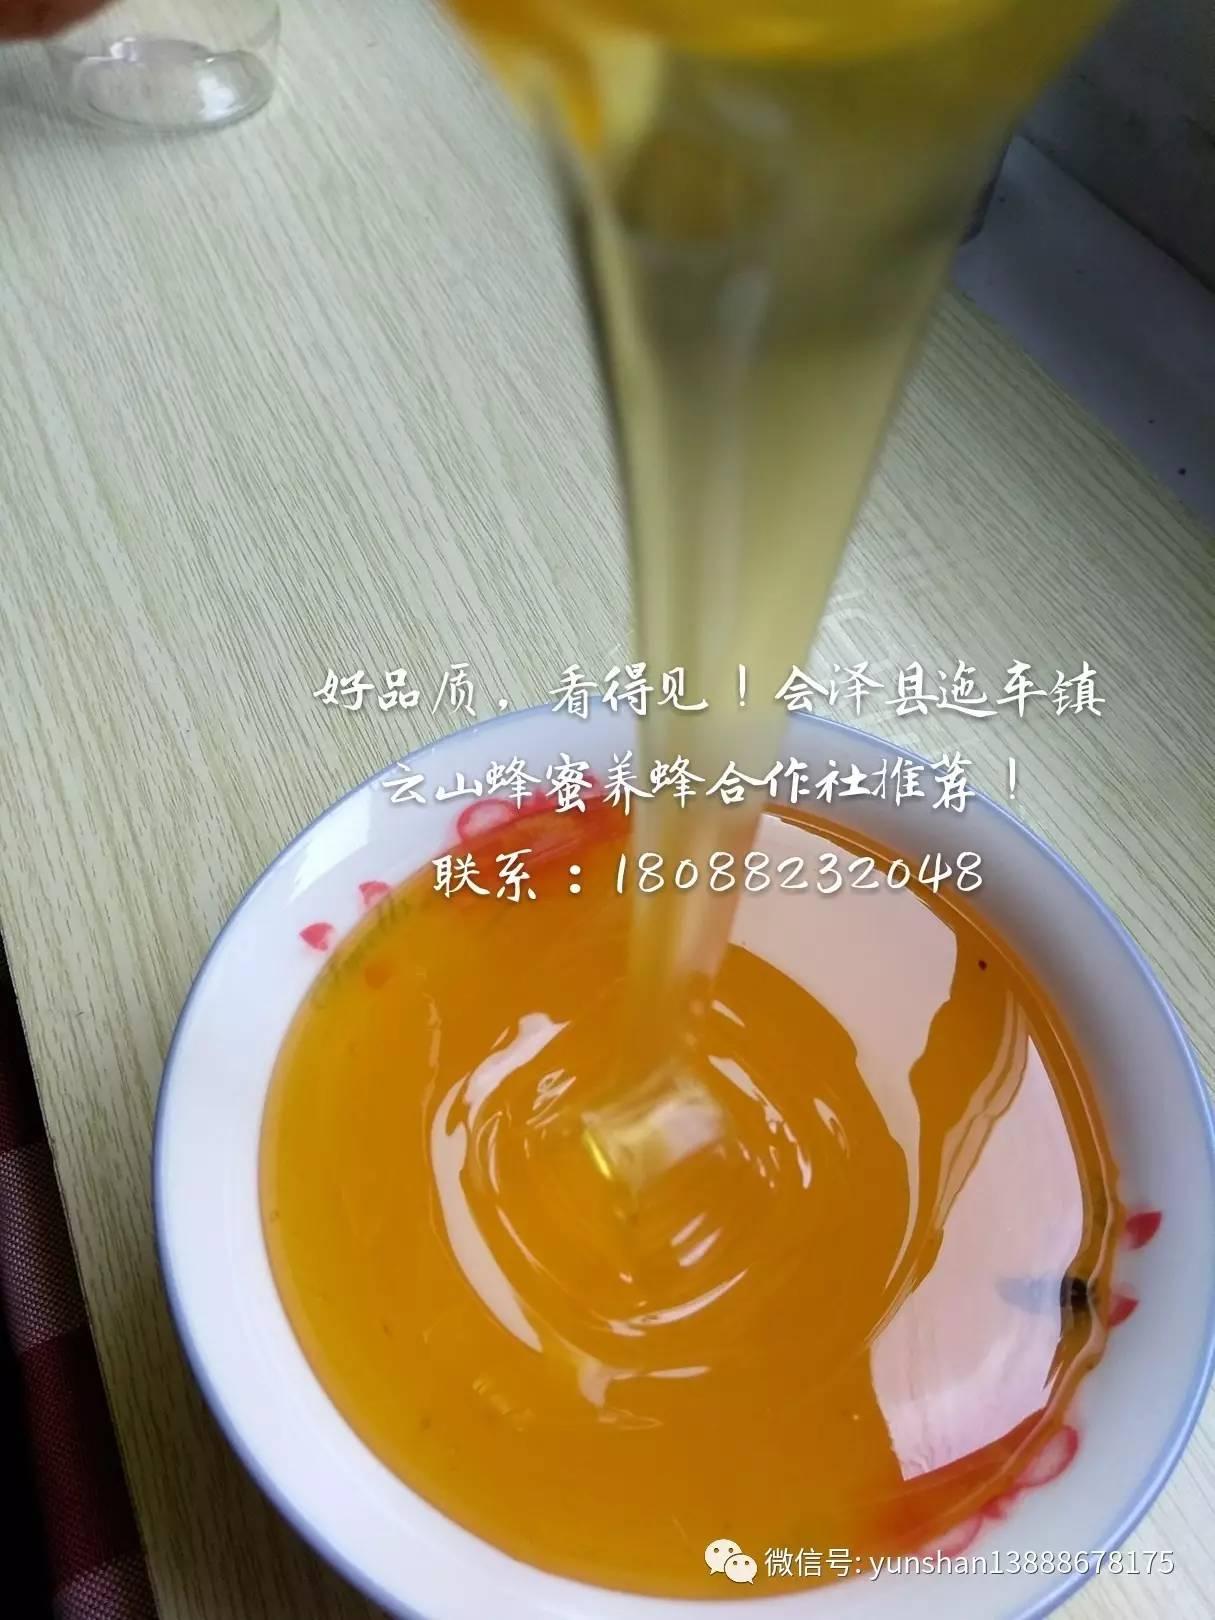 蜂蜜煮甜酒 蜂蜜可以直接洗脸吗 morning蜂蜜 喝酒前吃蜂蜜 蜂蜜结